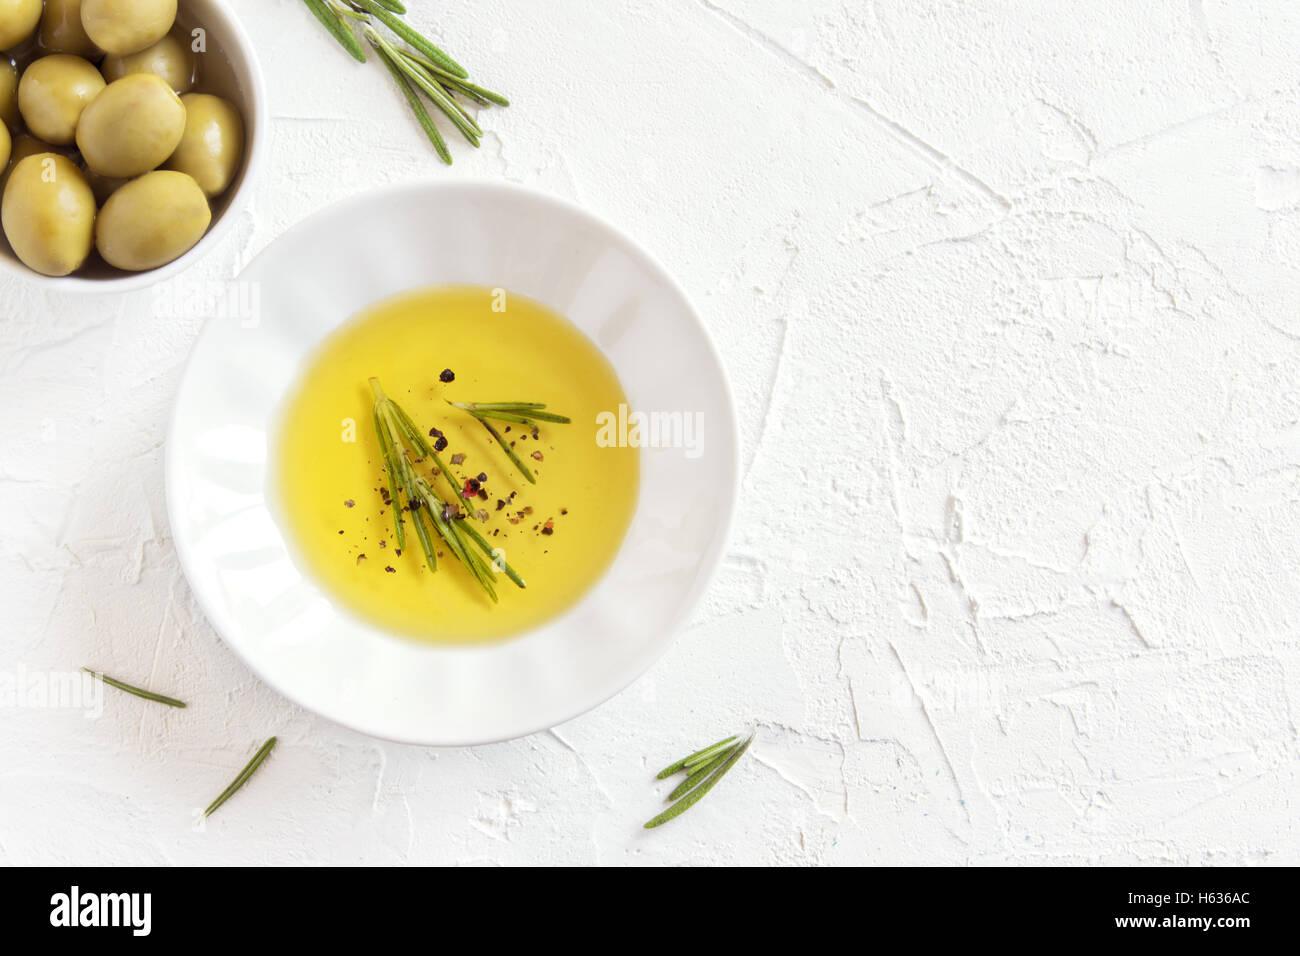 L'huile d'olive bio au romarin et d'épices (piment) sur fond noir en blanc avec copie espace, concept Photo Stock